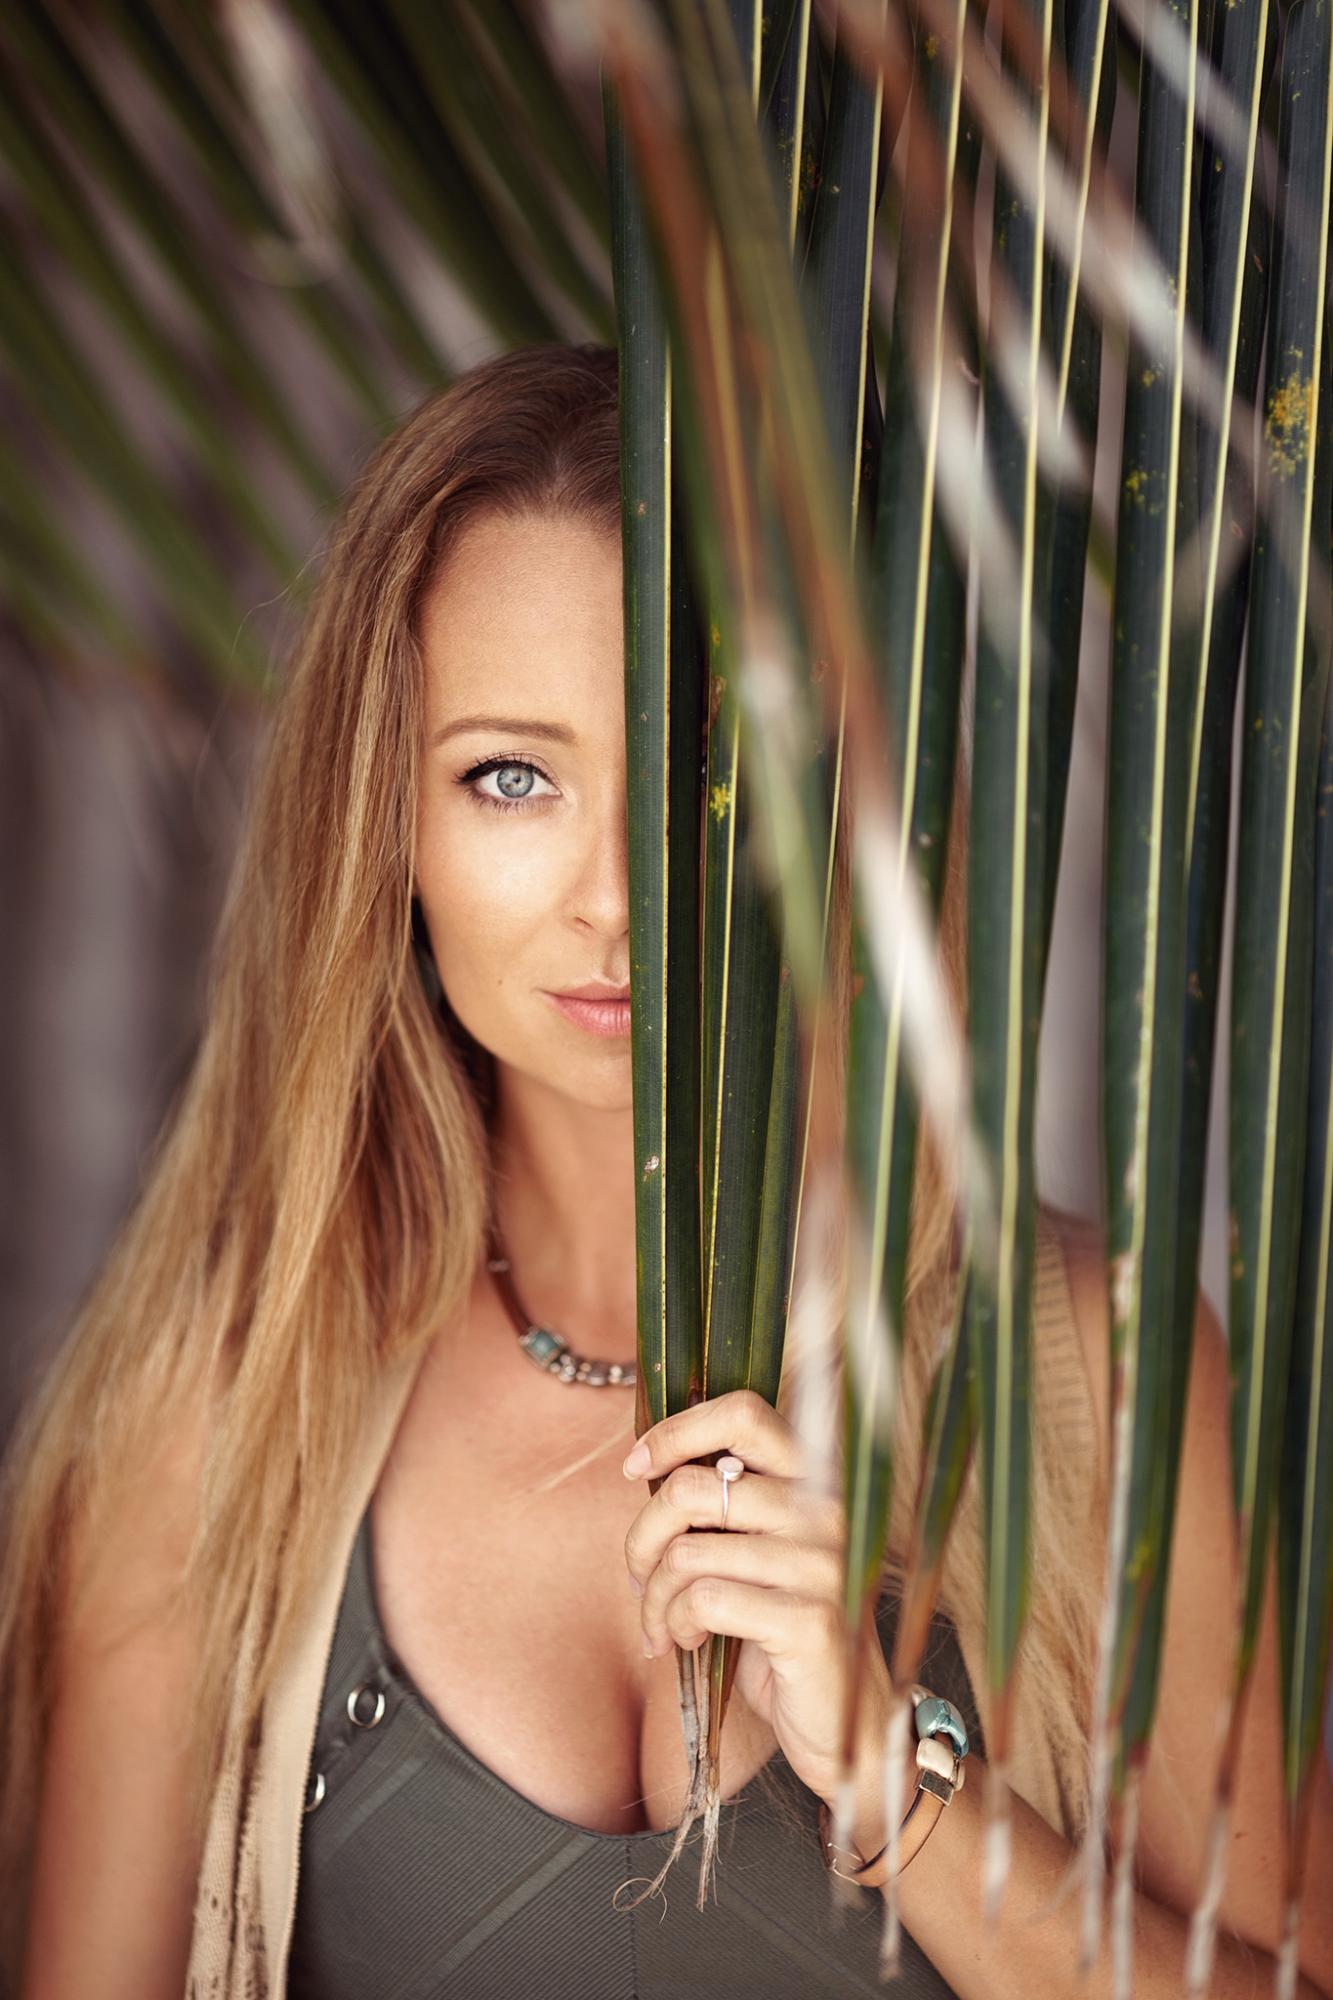 Украинская актриса рассказала об отдыхе в Коста-Рике в период пандемии COVID-19: путешествие в далекое прошлое